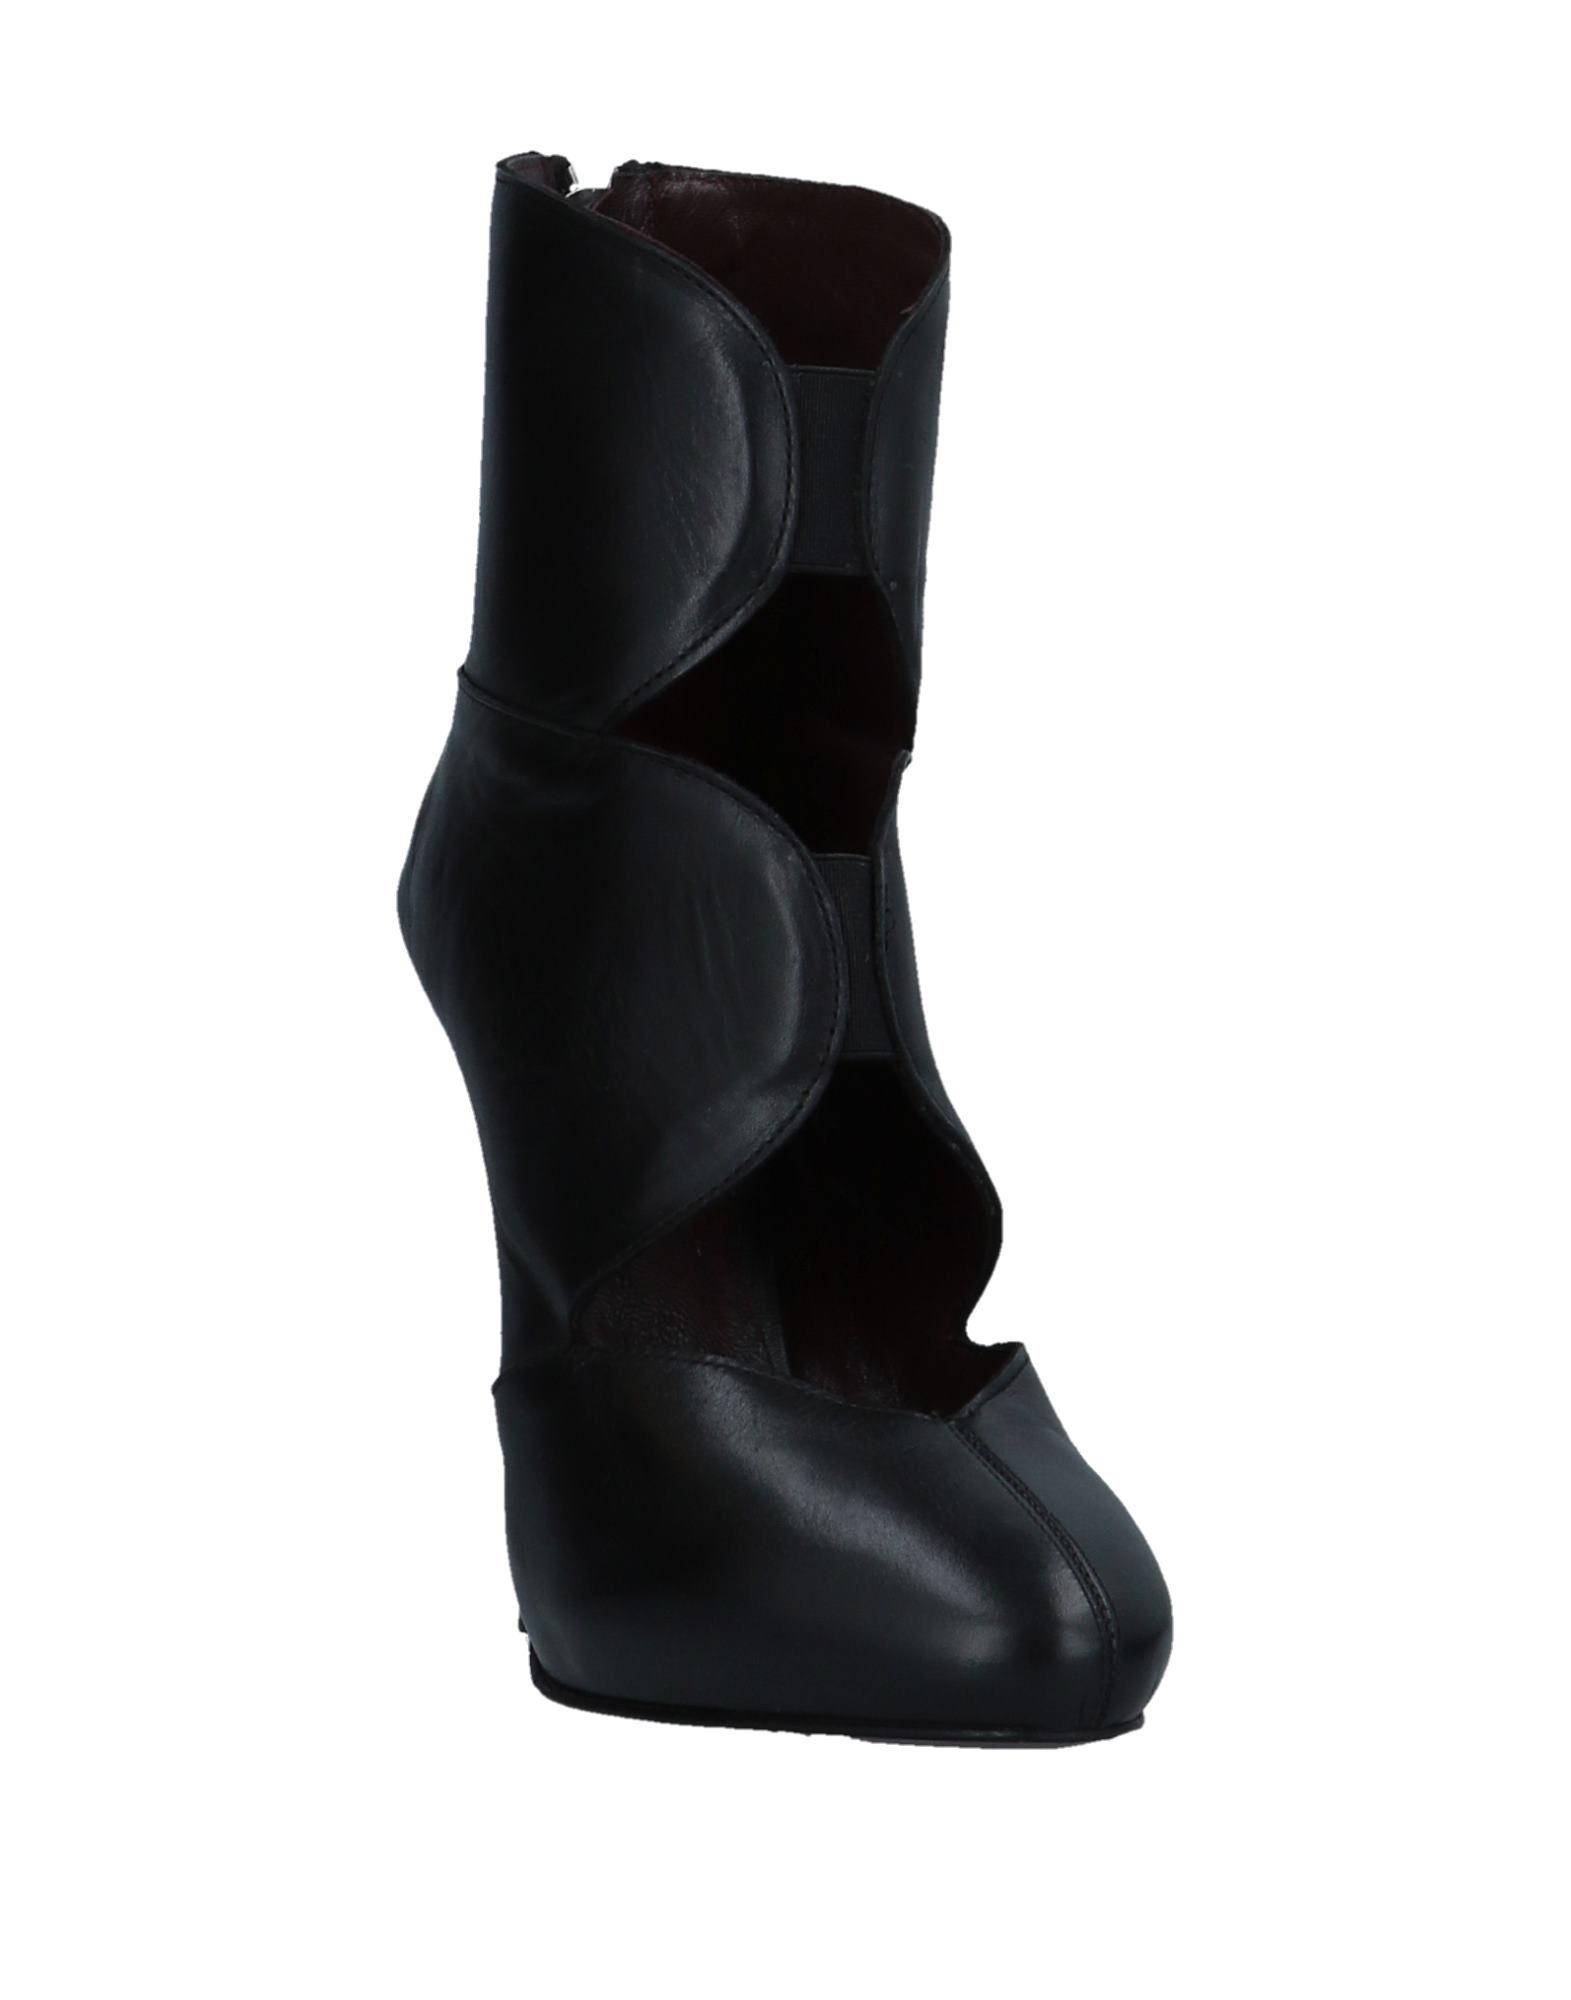 Wo Milano  Stiefelette Damen  Milano 11530349MR Gute Qualität beliebte Schuhe 08a53b